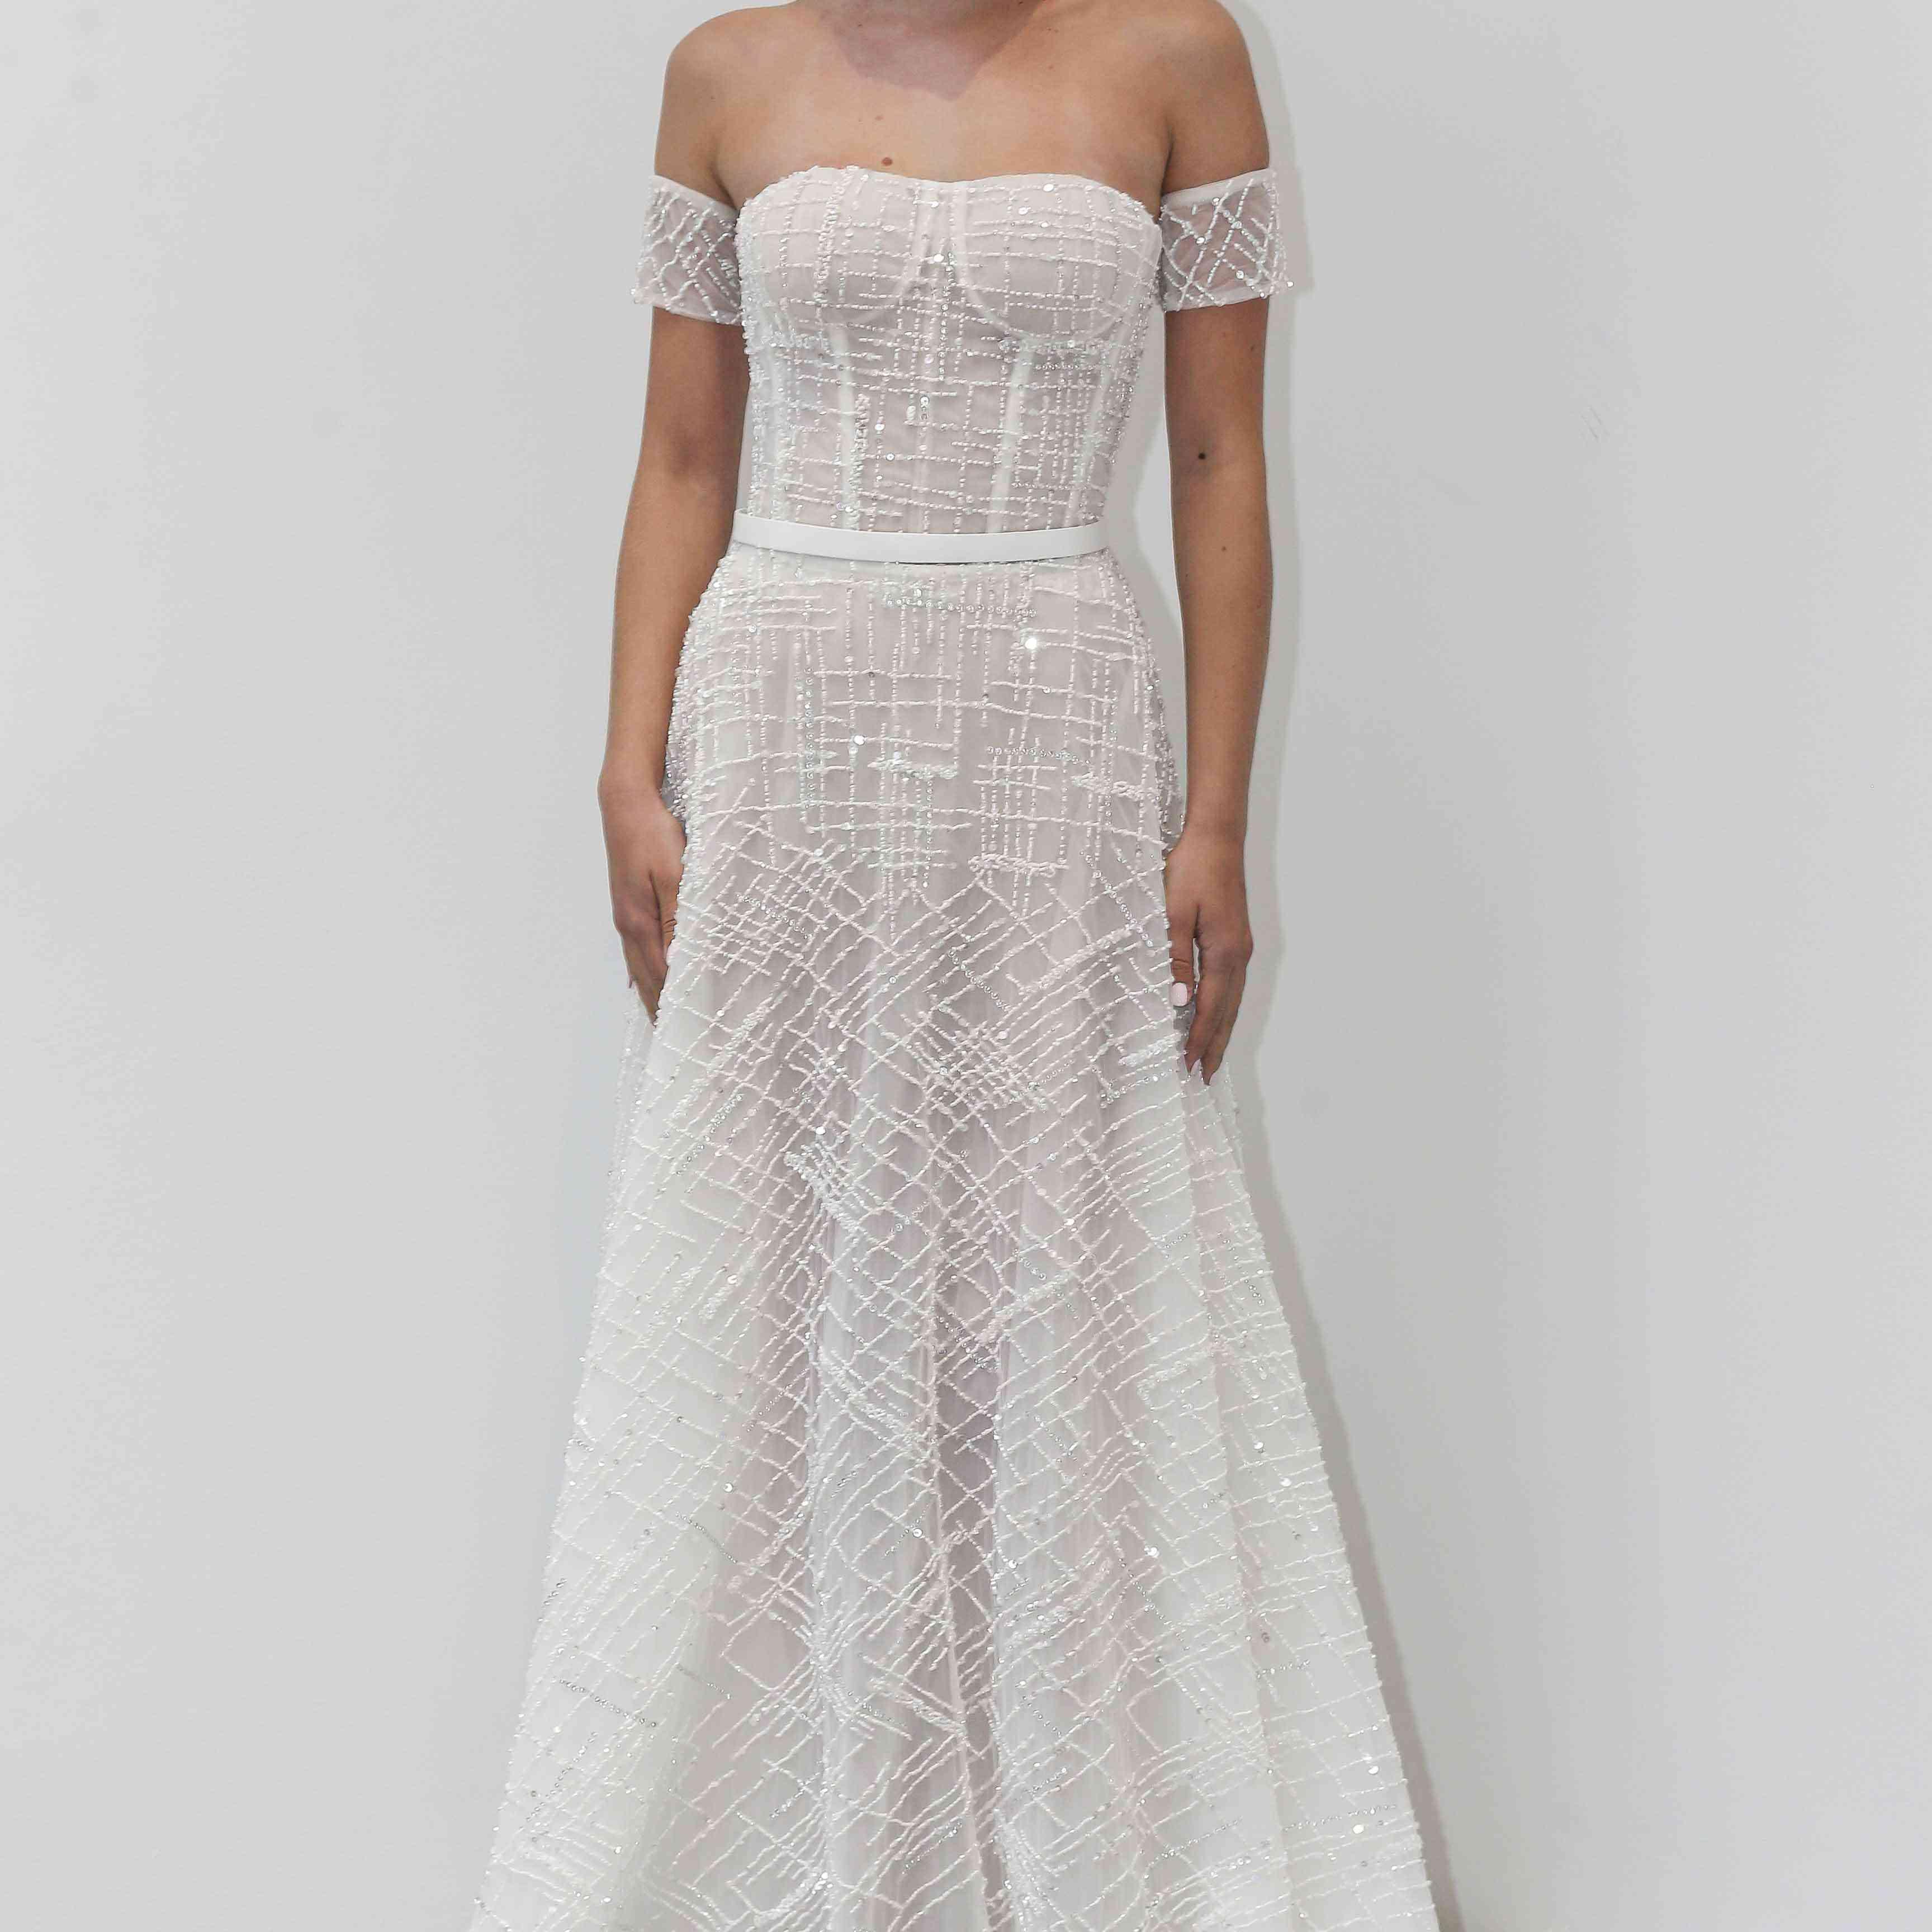 Chelsea off-the-shoulder wedding dress